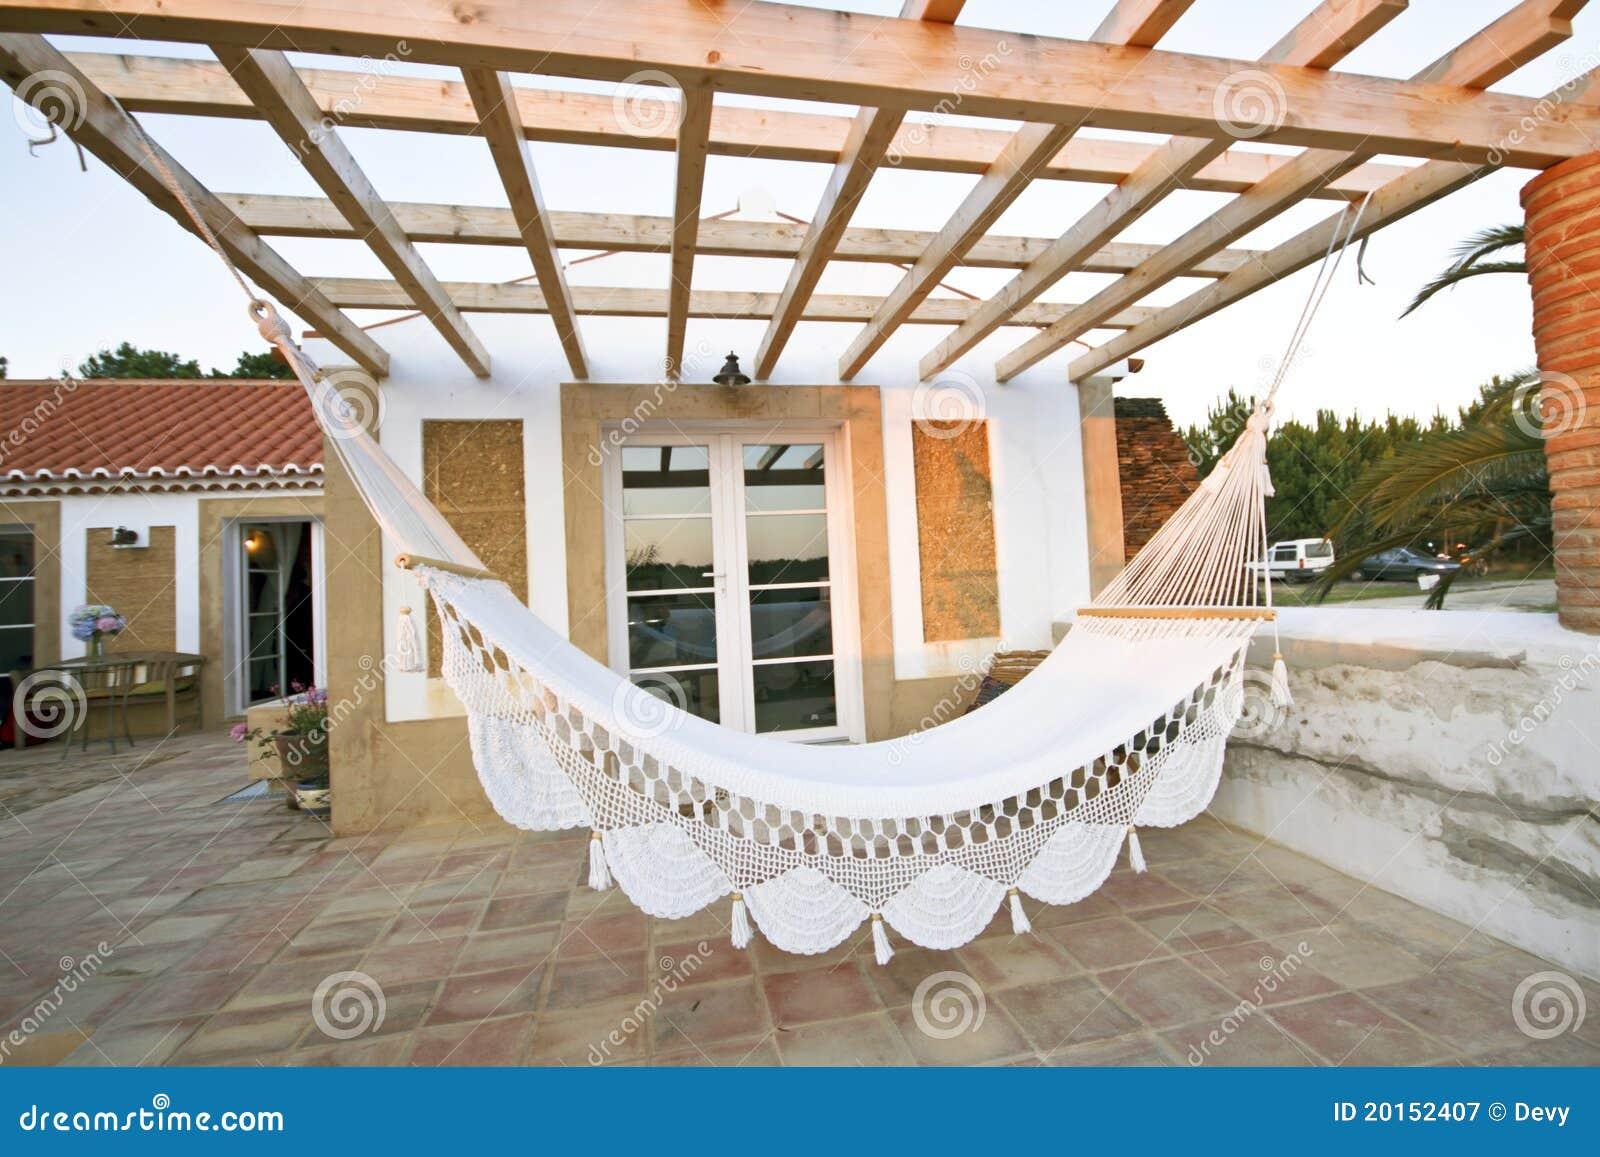 Terraza privada con la hamaca fotograf a de archivo libre - Hamacas para terraza ...